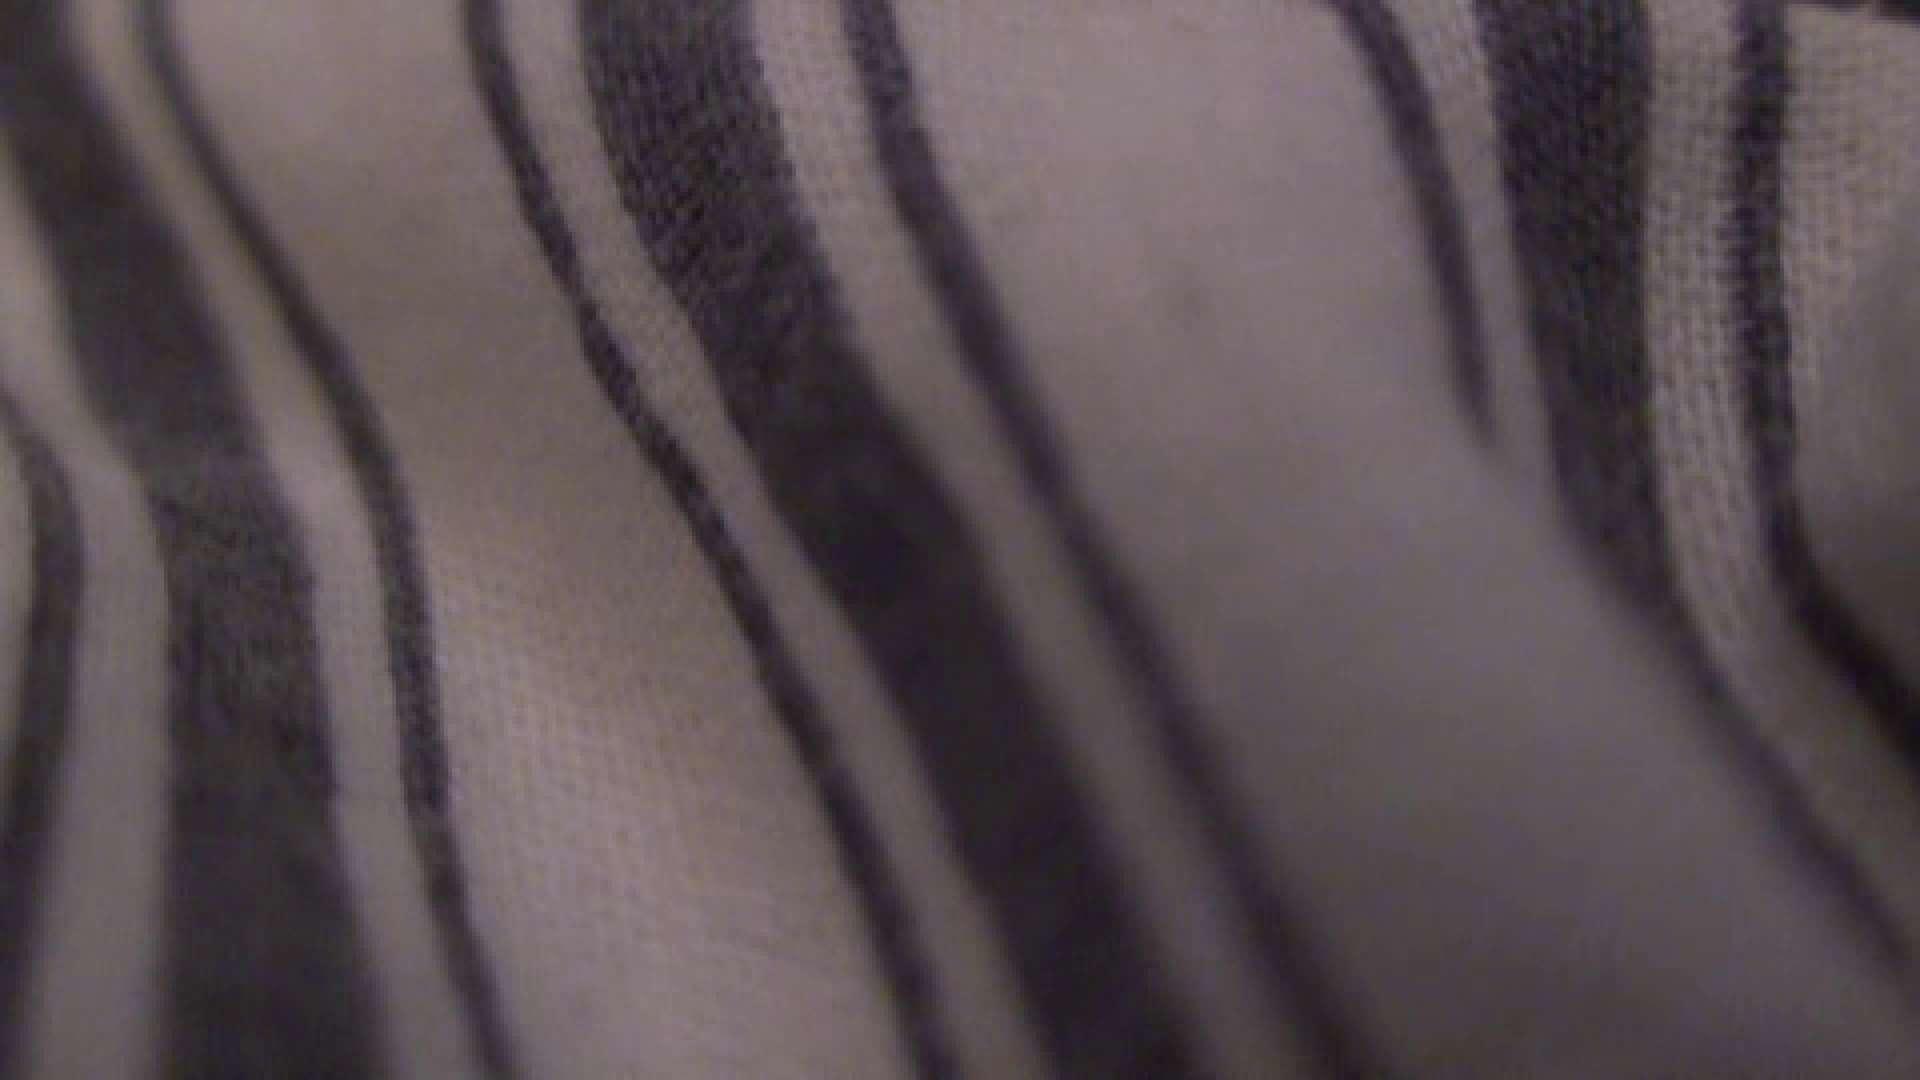 独占配信! ●罪証拠DVD 起きません! vol.13 悪戯 ぱこり動画紹介 94連発 87